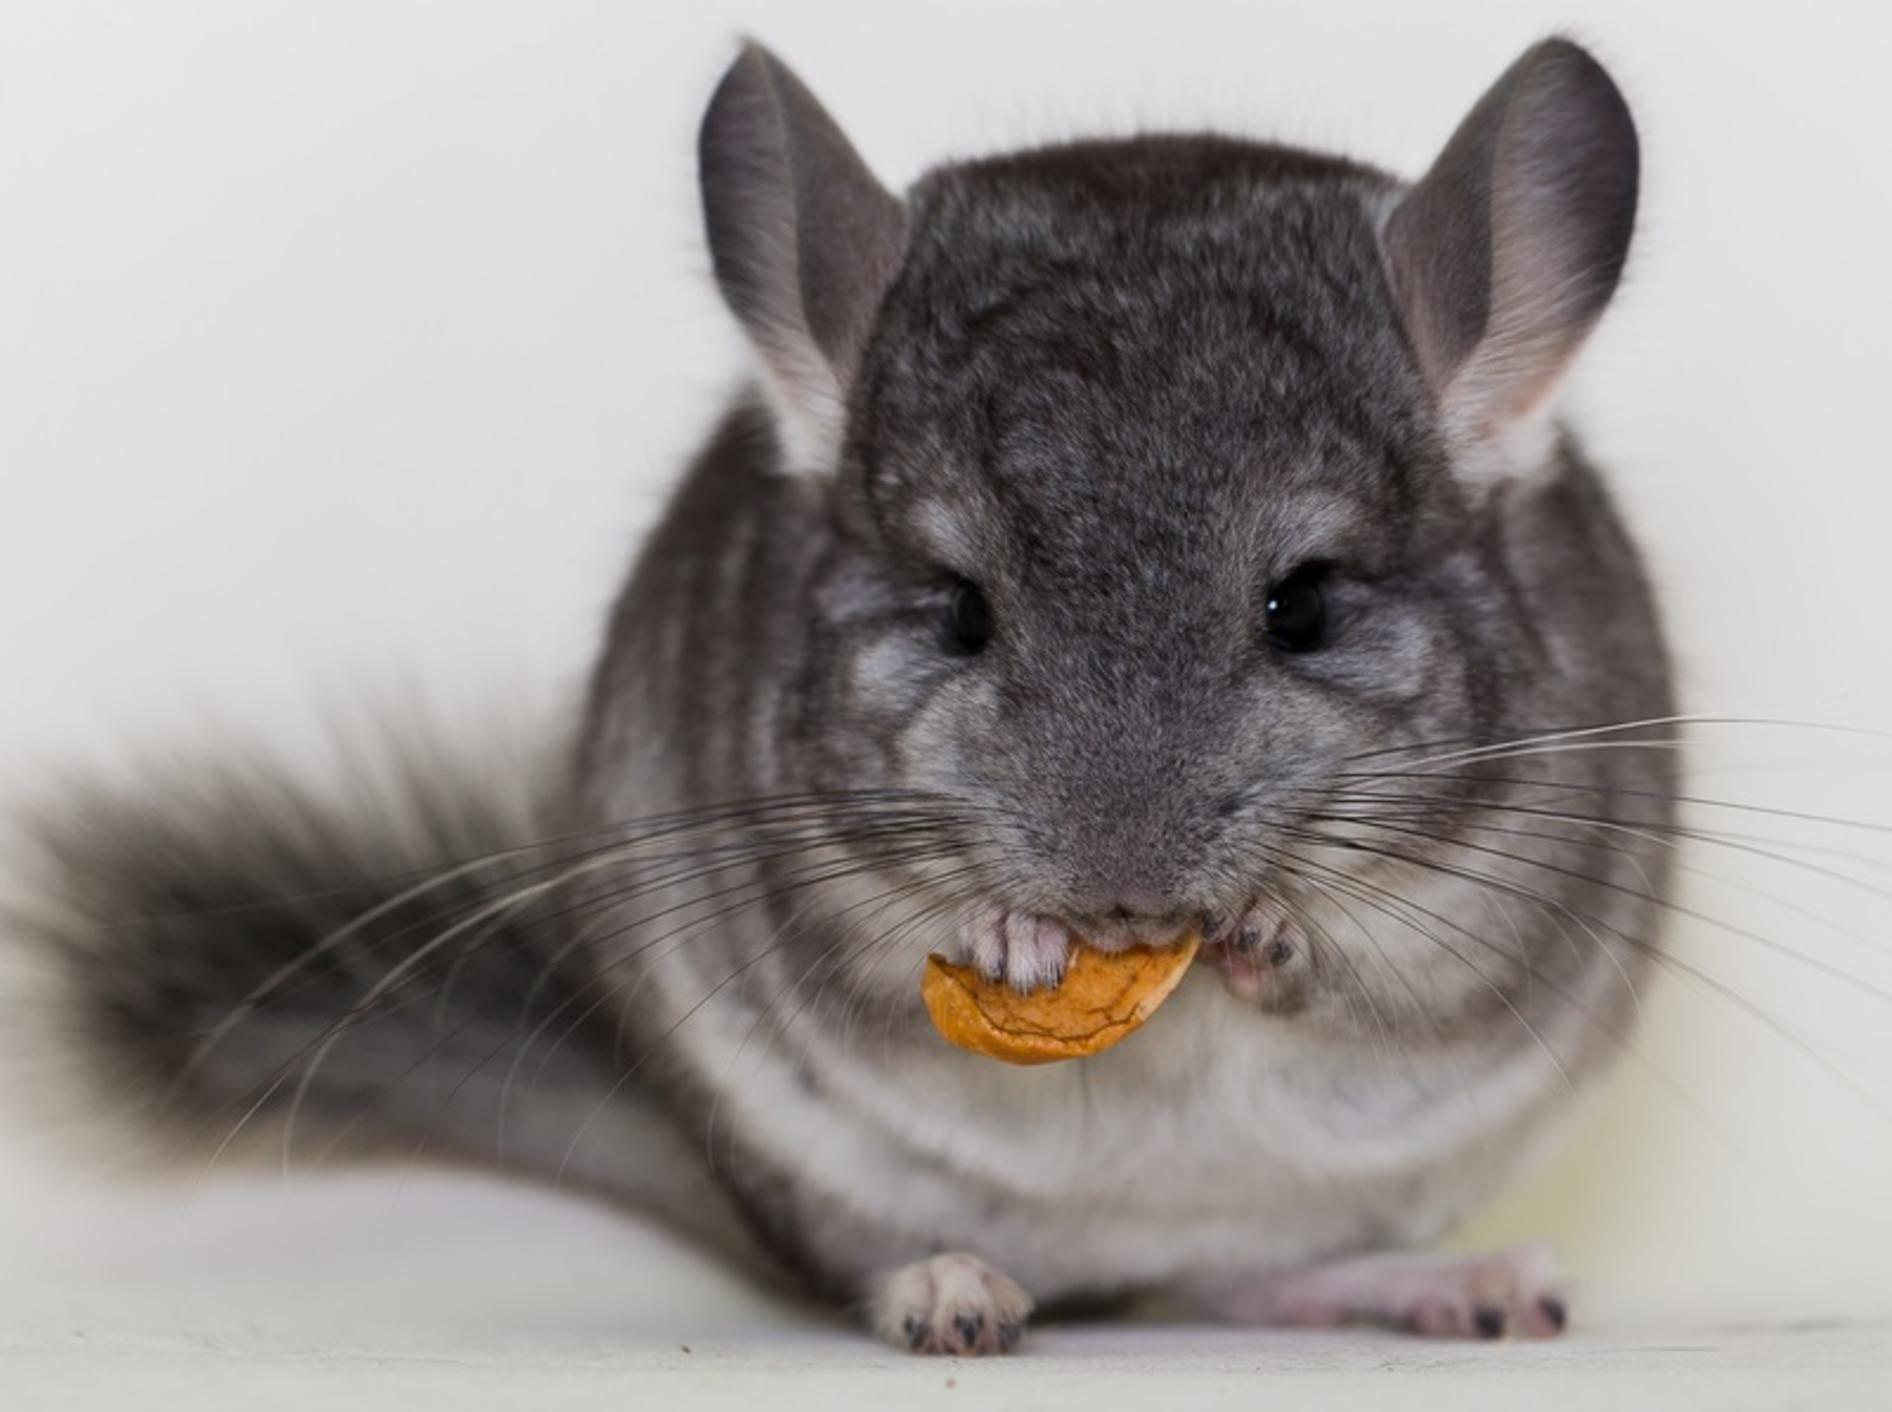 Na was fressen wir den heute? Auch die Ernährung von Chinchillas kann vielseitig sein! – Shutterstock / Ekaterina Krivtsova